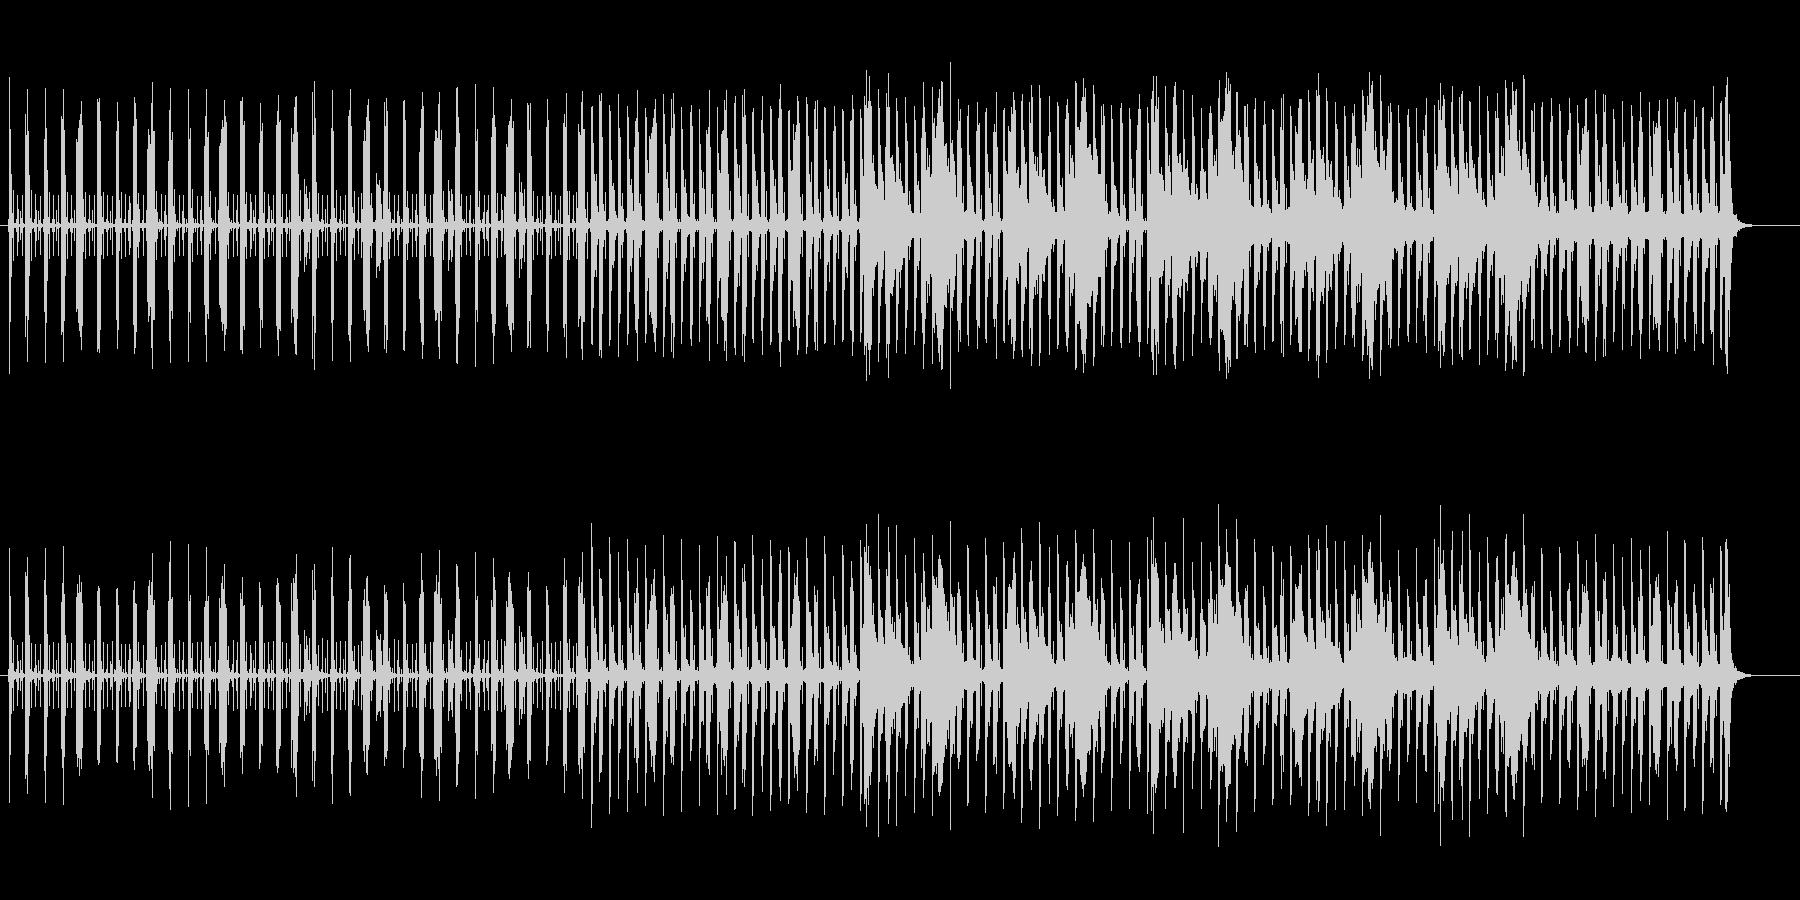 ビートが強調された独特なノリのBGMの未再生の波形